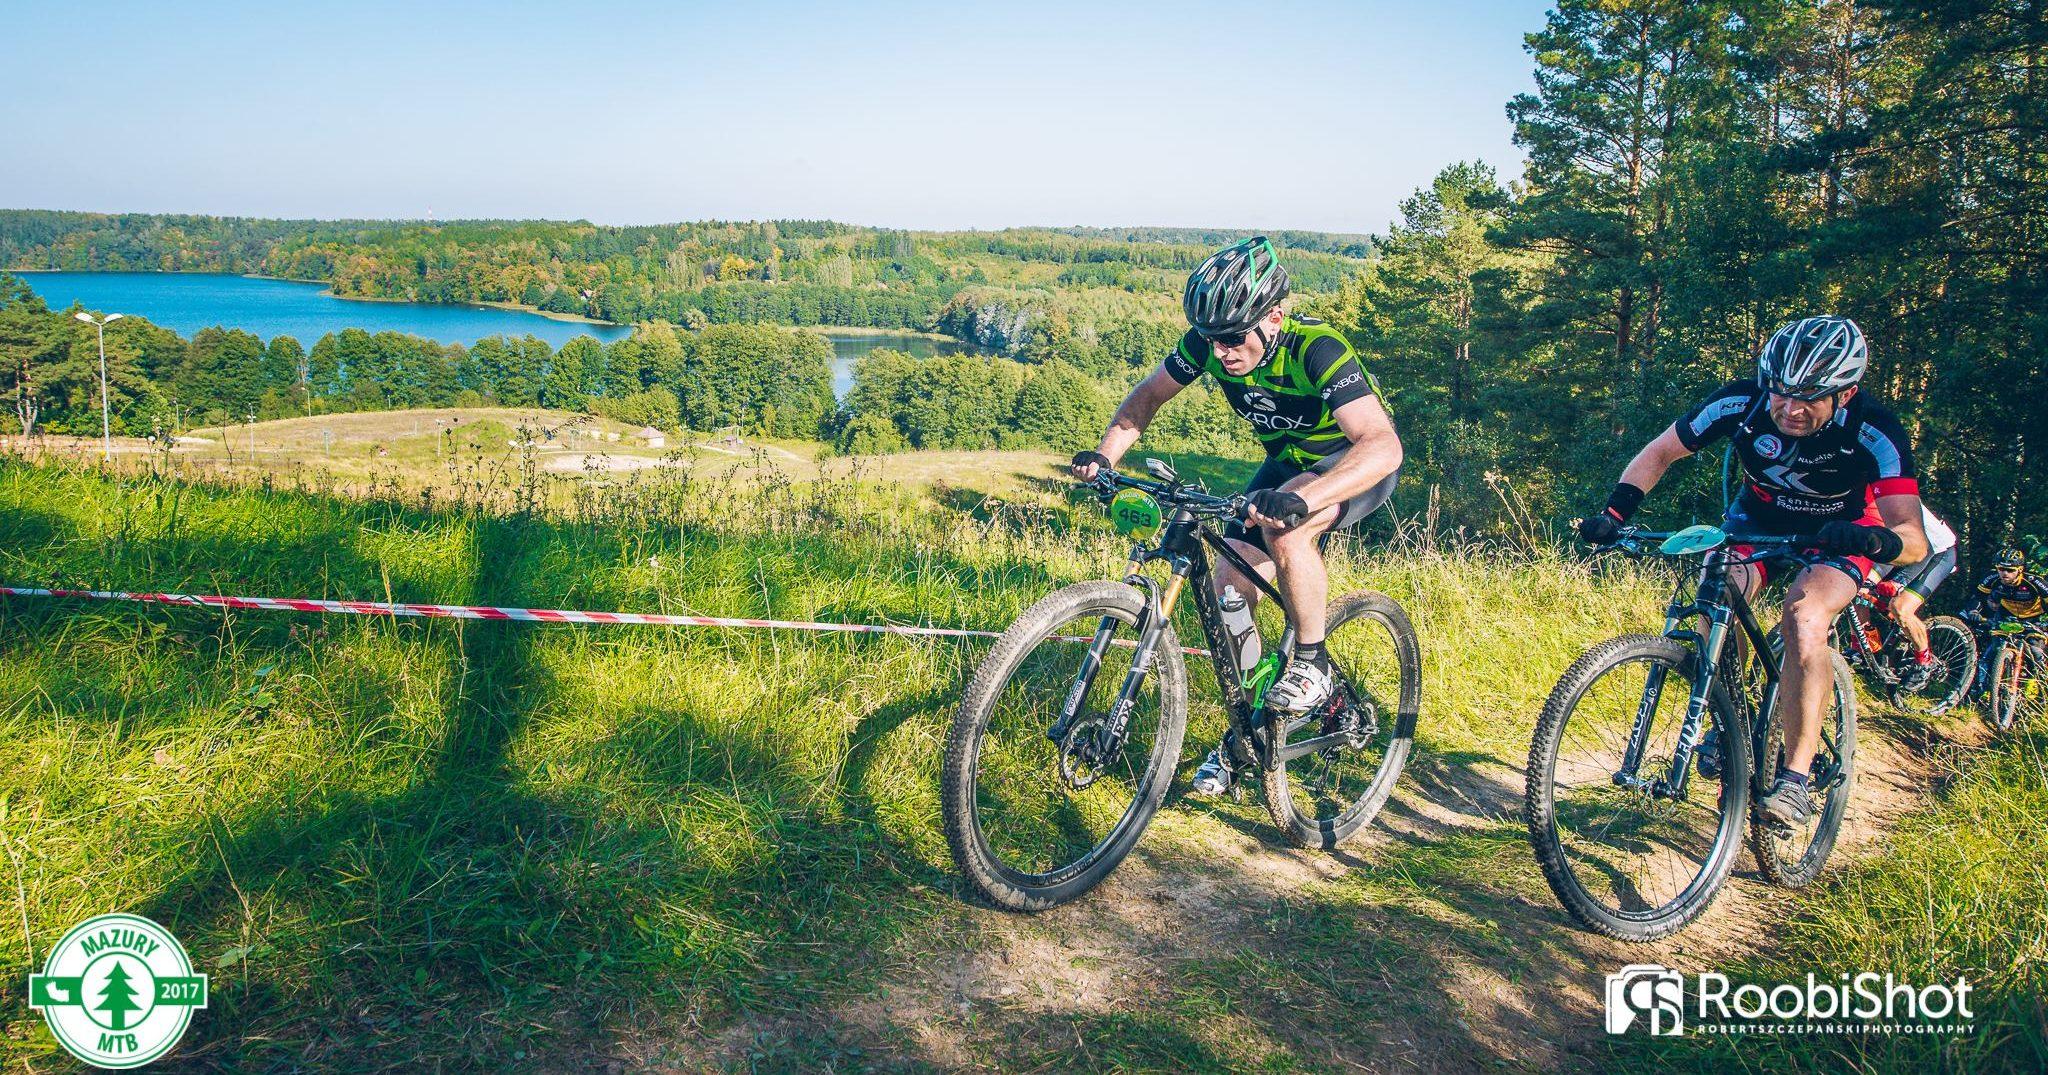 Mistrzostwa Polski w kolarstwie górskim 2018 w Mrągowie